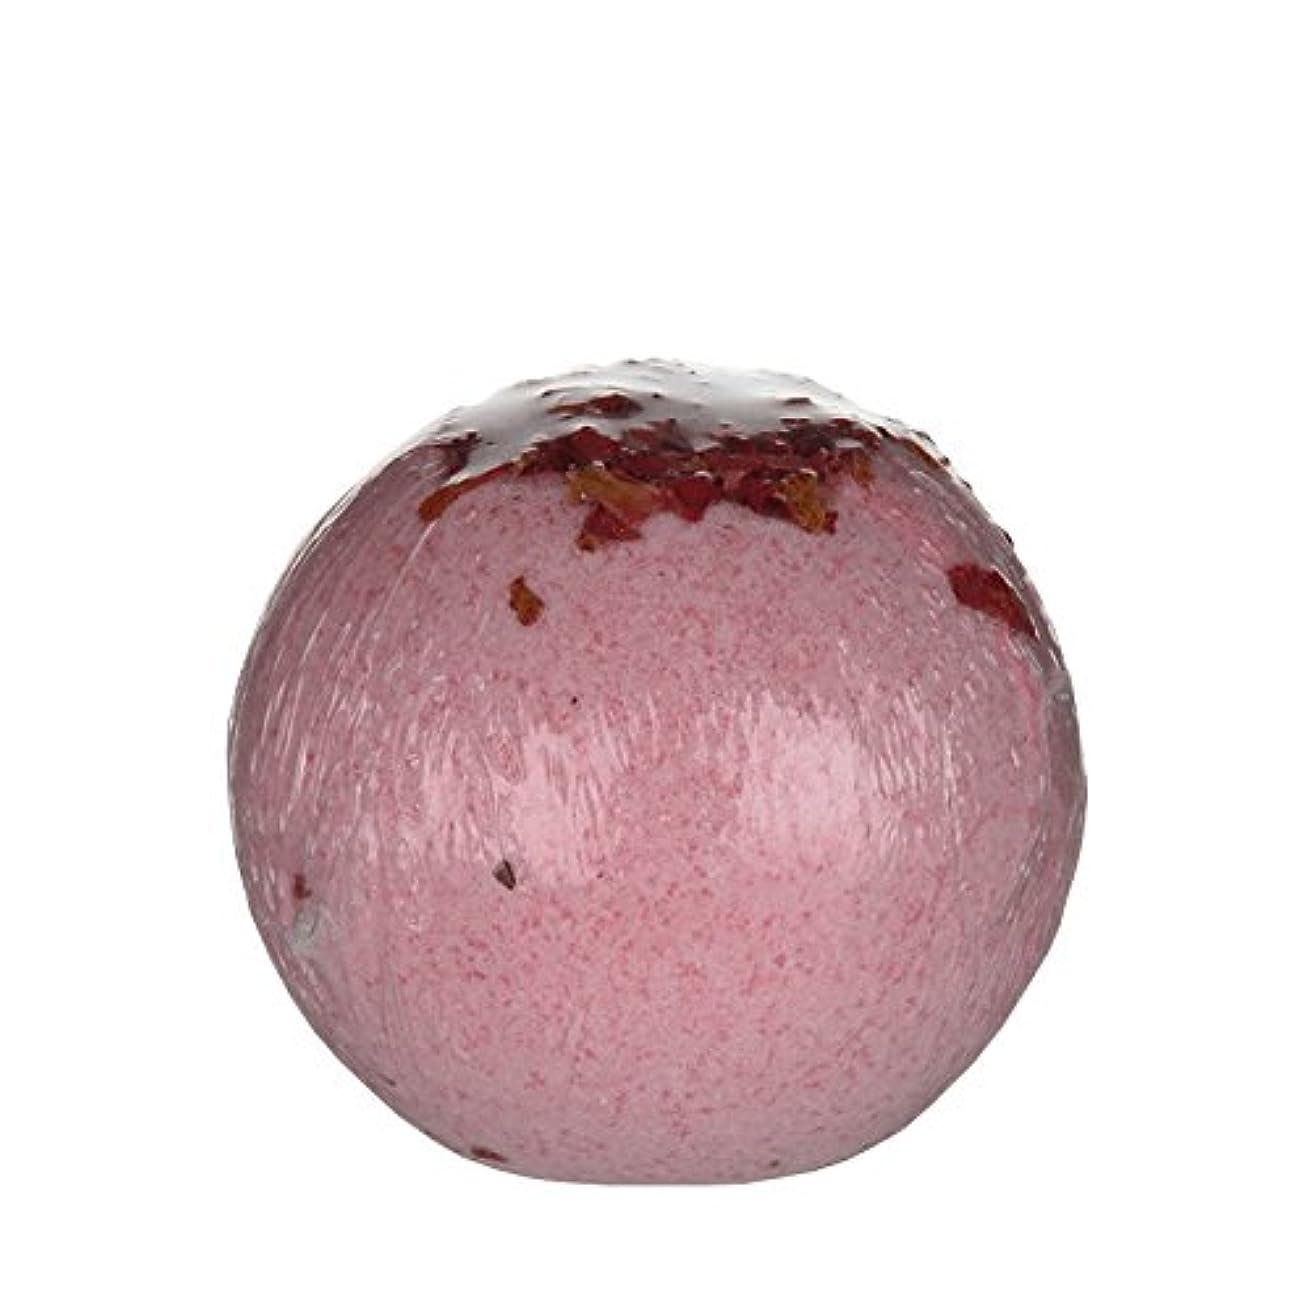 版ショルダー枢機卿Treetsバスボールラベンダーの愛の170グラム - Treets Bath Ball Lavender Love 170g (Treets) [並行輸入品]